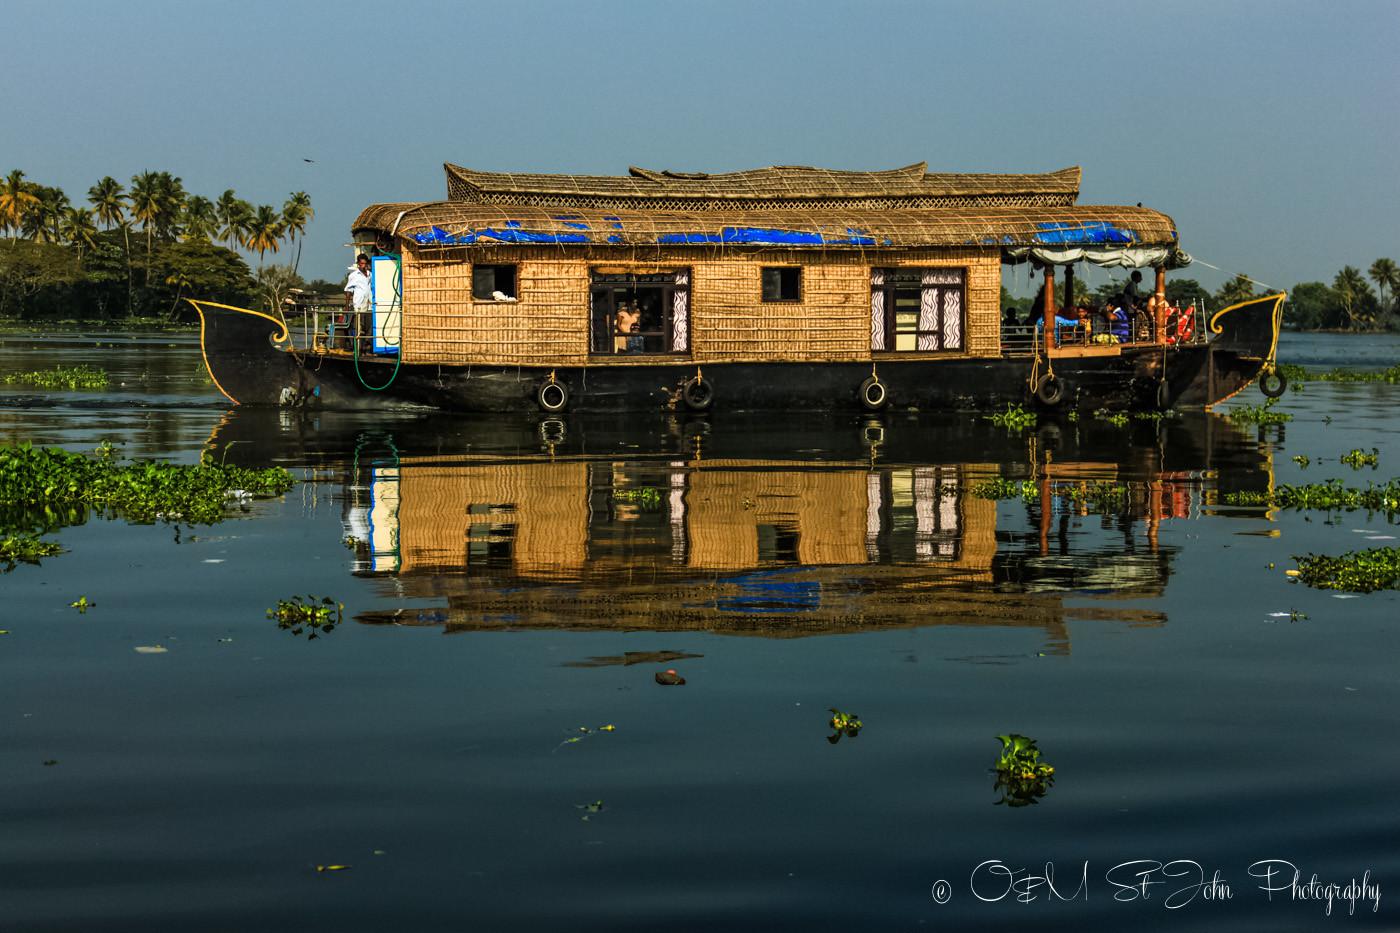 Kettuvallams (house boat) in Kerala Backwaters, India